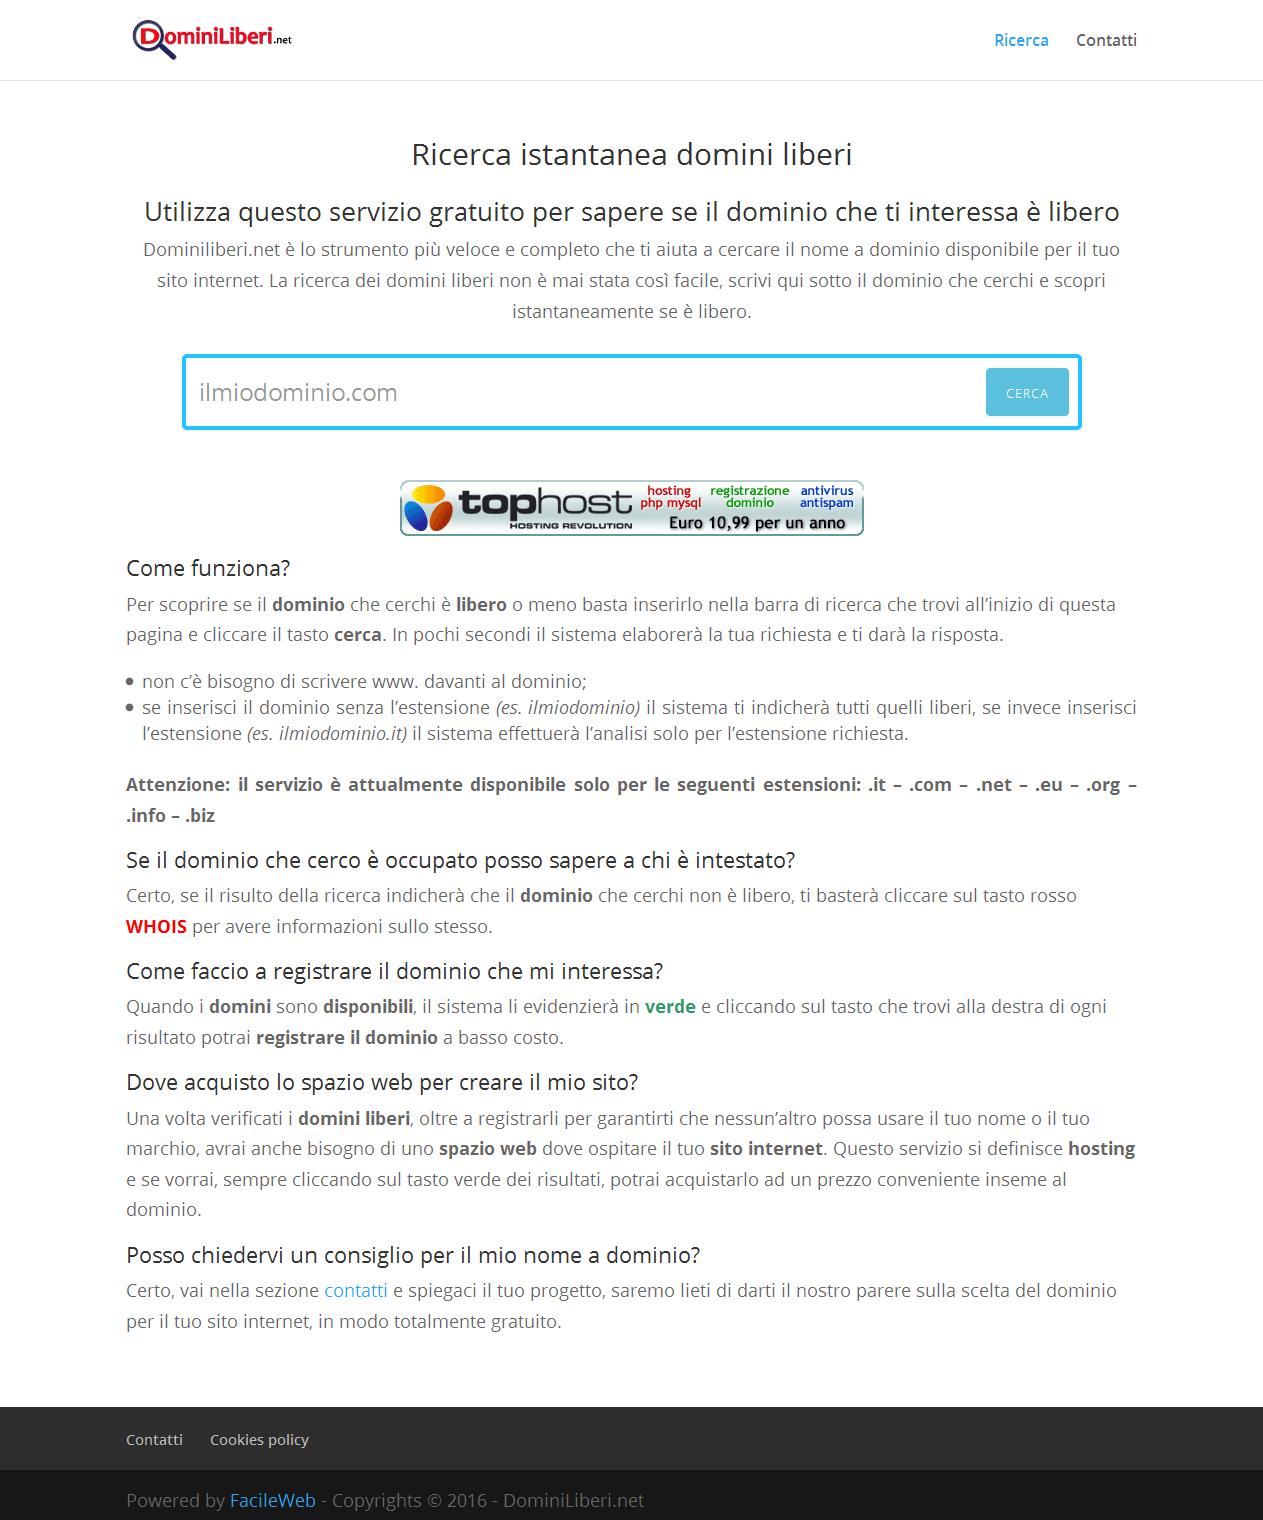 Immagine sito intero domini liberi